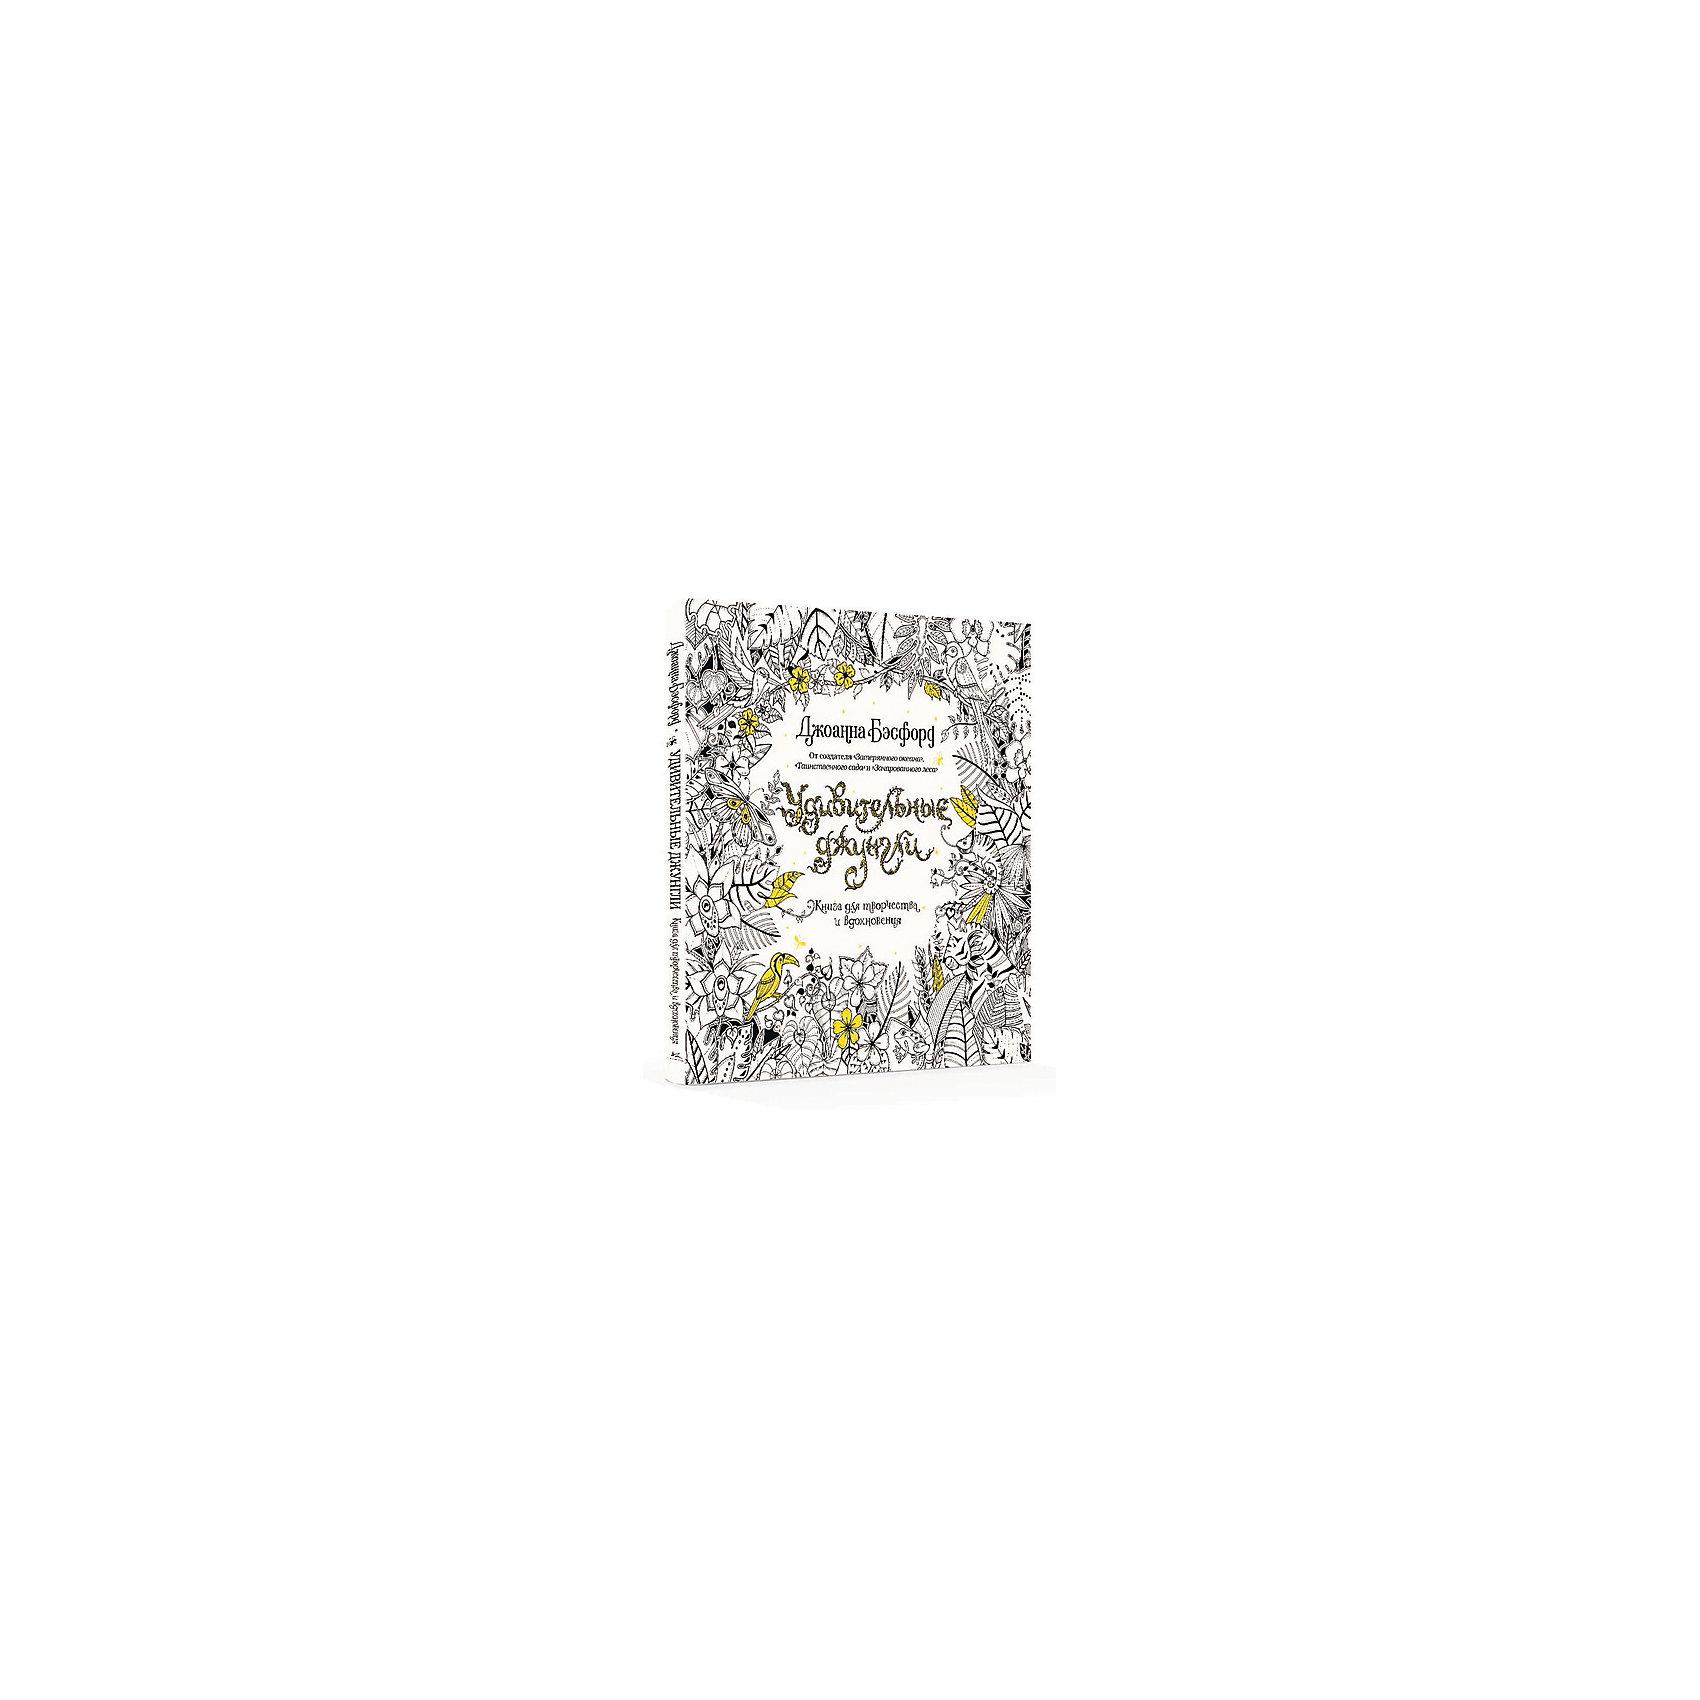 Раскраска-антистресс Удивительные джунгли, MACHAONРисование<br>Книга Удивительные джунгли.<br><br>Характеристики:<br><br>• Художник: Джоанна Бэсфорд<br>• Издательство: КоЛибри<br>• Тип обложки: мягкая обложка<br>• Иллюстрации: черно-белые<br>• Количество страниц: 88 (офсет)<br>• Размер: 250x250х8 мм.<br>• Вес: 447 гр.<br>• ISBN: 9785389116238<br><br>Изысканность и волшебство цветов и деревьев, изящество и совершенство птиц и животных – джунгли поражают гармонией и красотой. И вдохновляют на творчество. Дайте простор воображению. Удивляйтесь и удивляйте. «Удивительные джунгли» – упоительная радость созидания. Художник Джоанна Бэсфорд – создатель «Затерянного океана», «Таинственного сада» и «Зачарованного леса». Ее книги стали мировыми бестселлерами, их общий тираж превысил 20 млн. экземпляров.<br><br>Книгу Удивительные джунгли можно купить в нашем интернет-магазине.<br><br>Ширина мм: 250<br>Глубина мм: 250<br>Высота мм: 80<br>Вес г: 447<br>Возраст от месяцев: 144<br>Возраст до месяцев: 2147483647<br>Пол: Унисекс<br>Возраст: Детский<br>SKU: 5493542